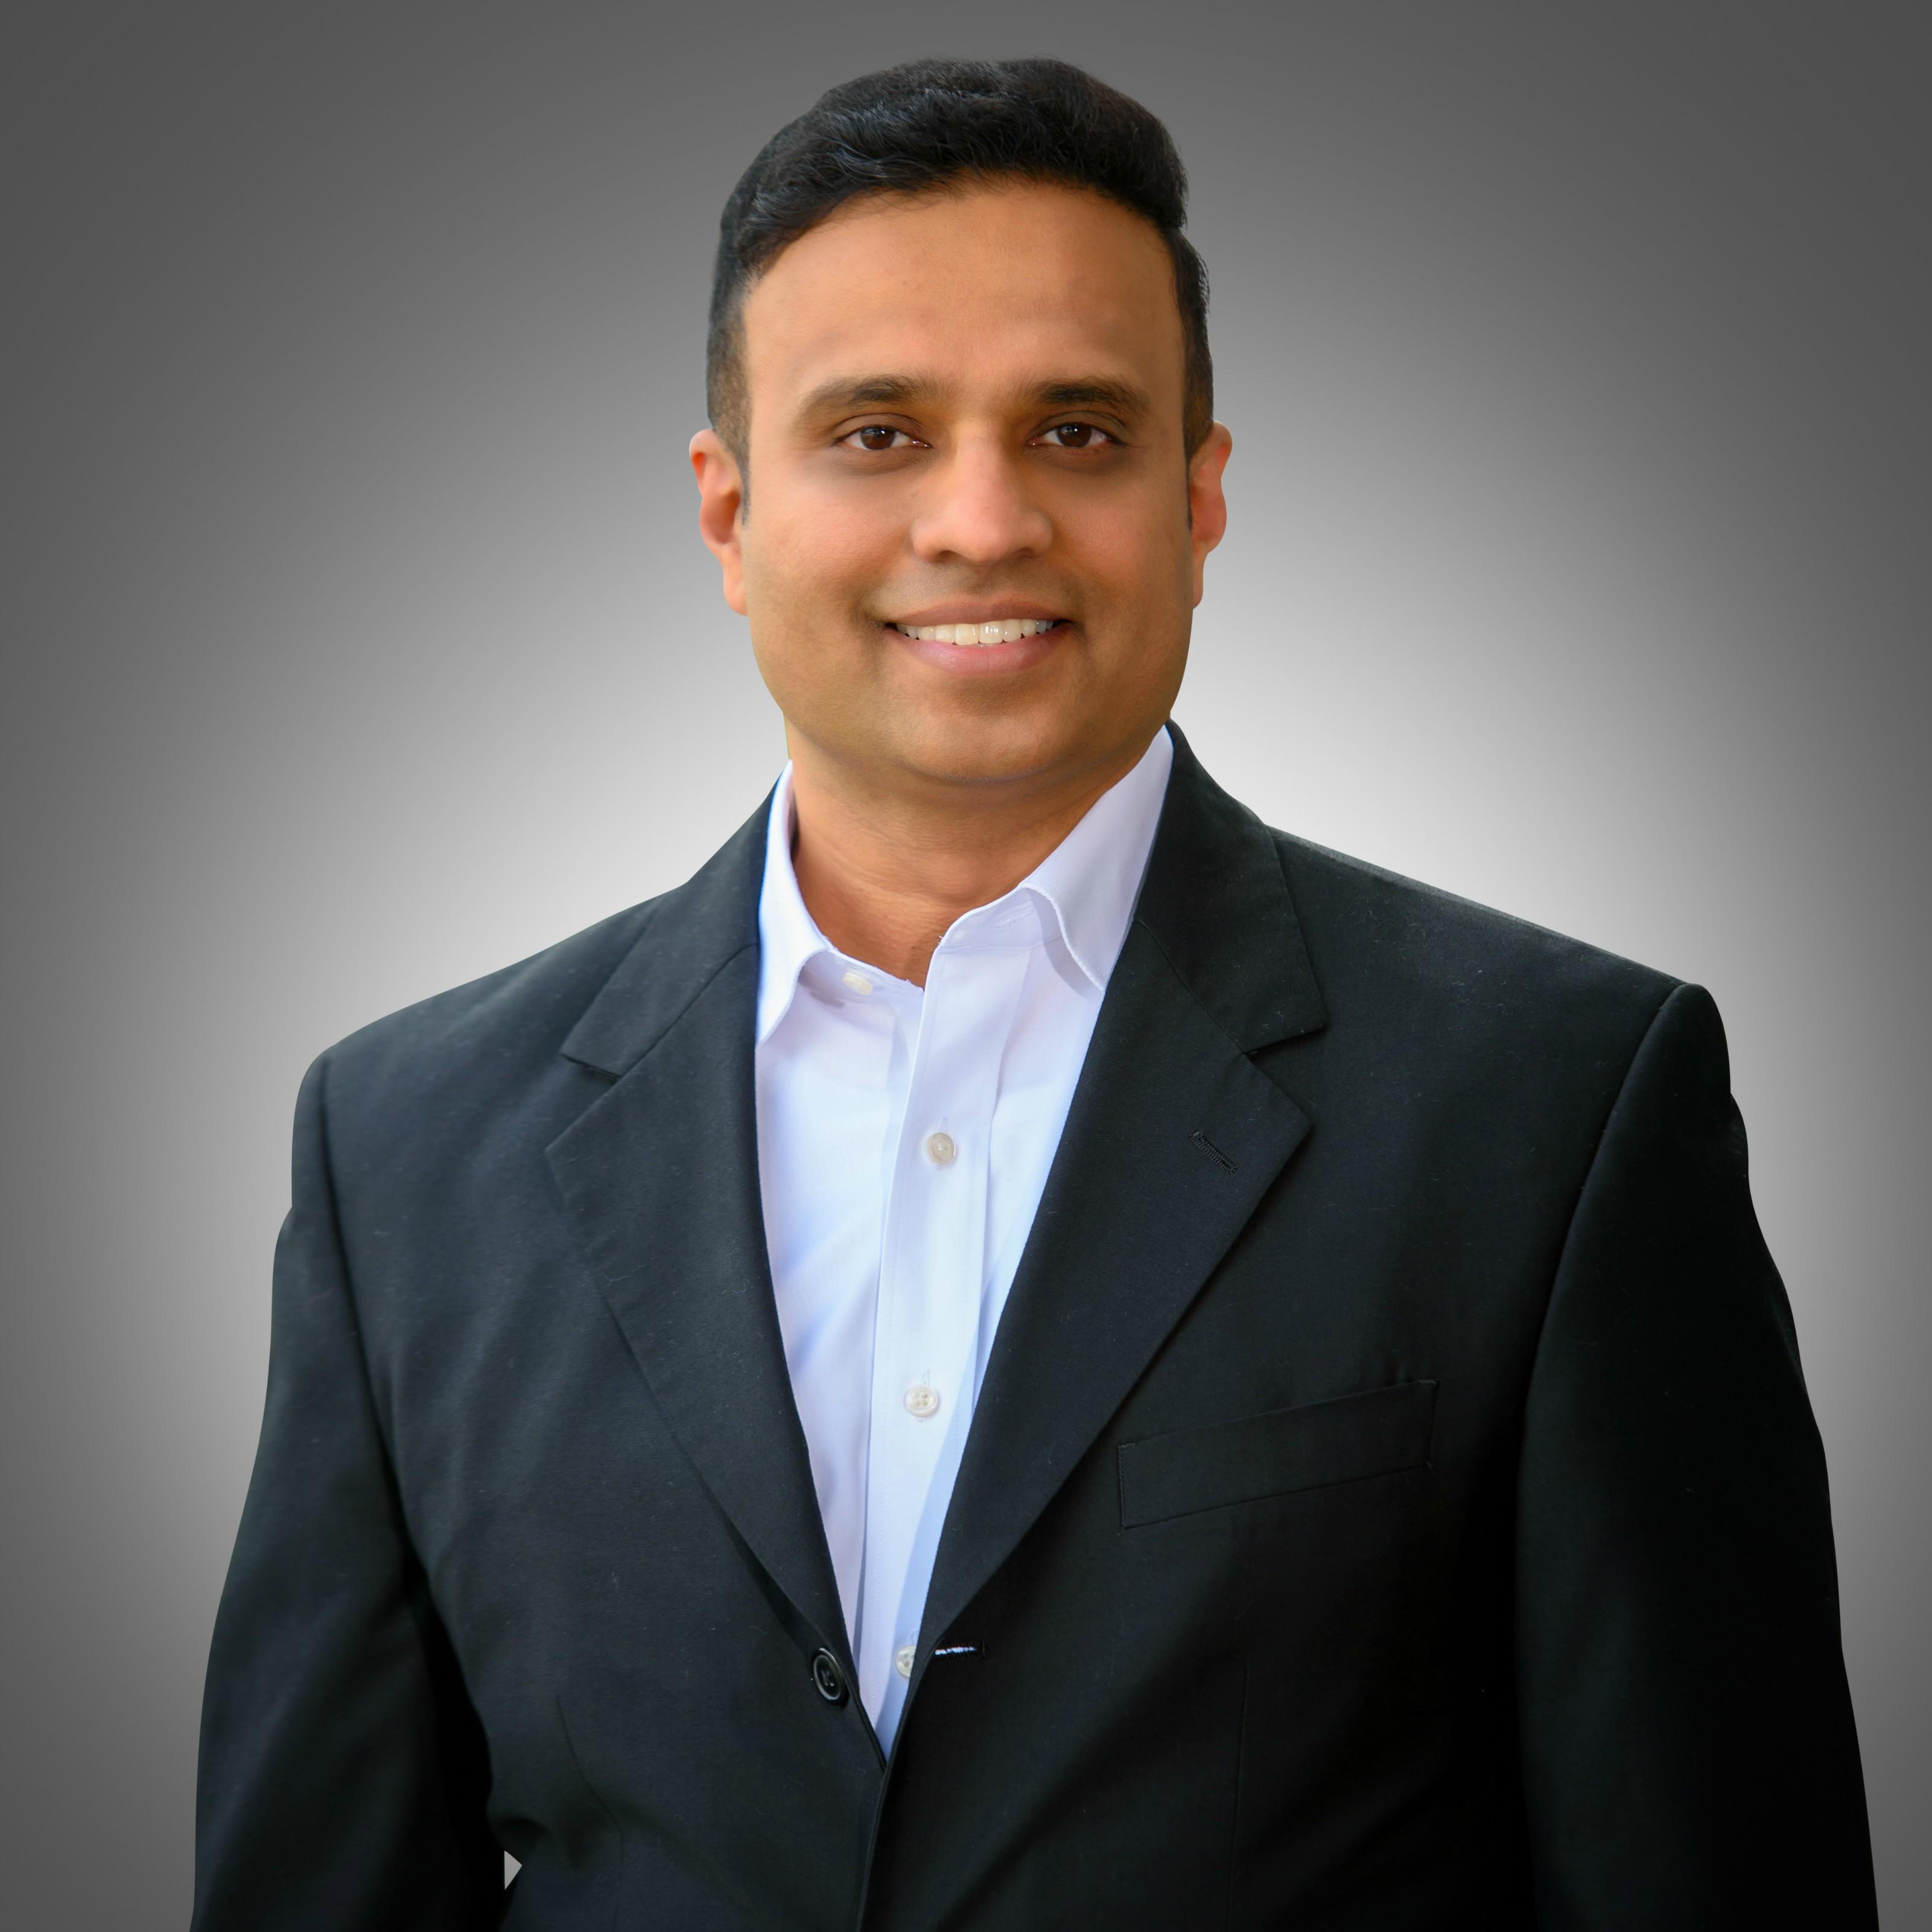 Shashi Kiran headshot